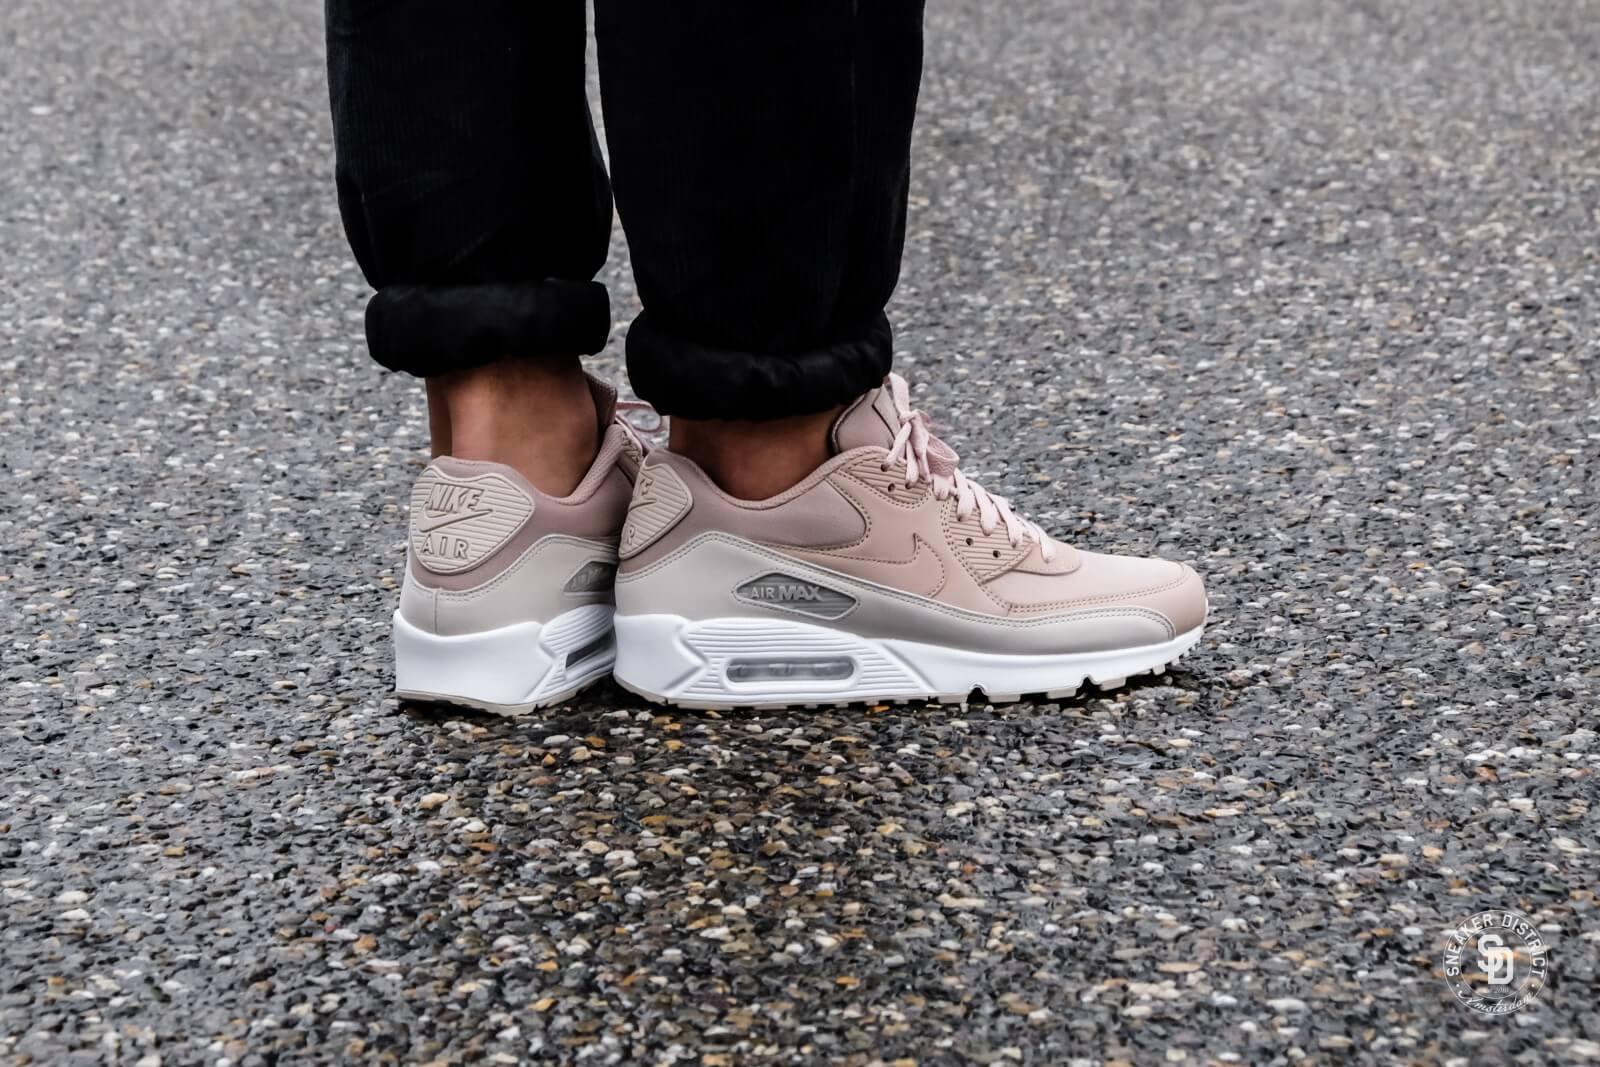 Nike Air Max 90 Essential LTR | Fashion Ideas | Nike air max